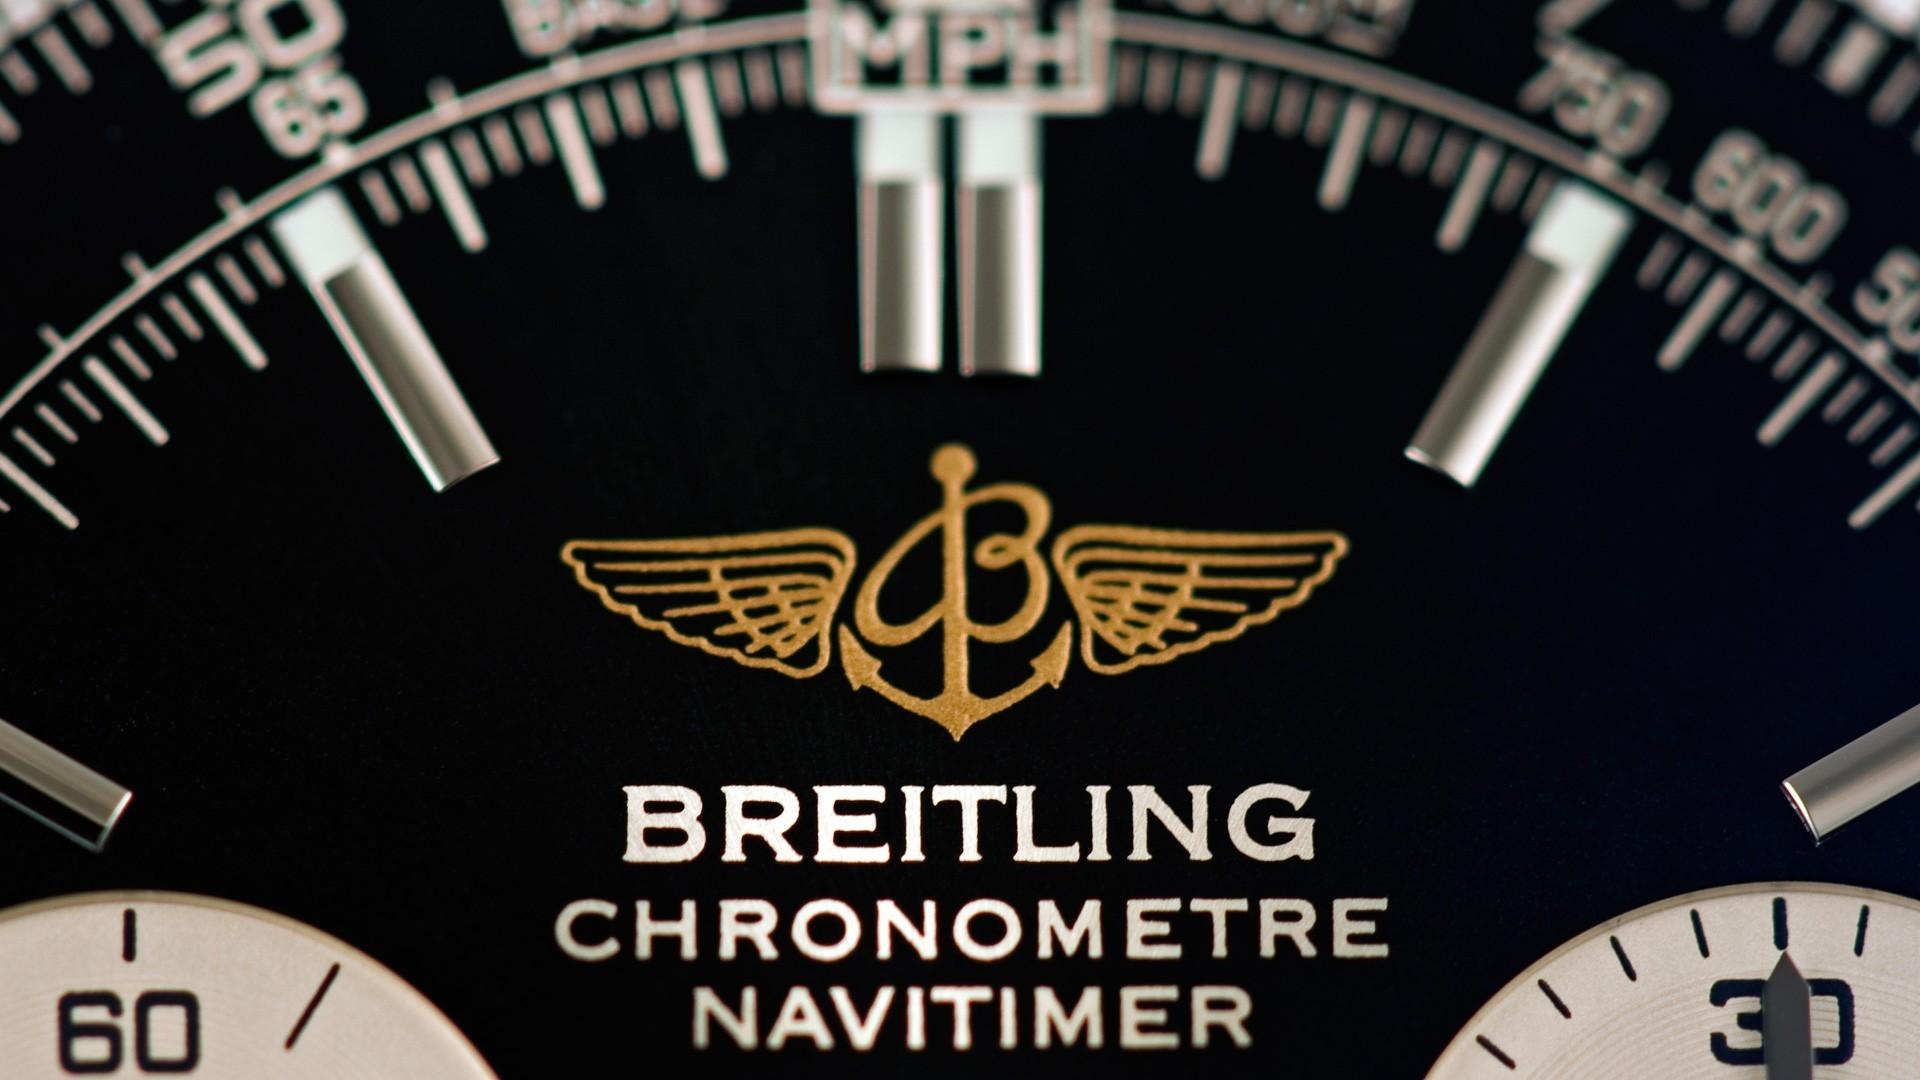 Fond D Ecran Regarder Marque Montres De Luxe Breitling L Horloge 1920x1080 Raidyhd 124302 Fond D Ecran Wallhere